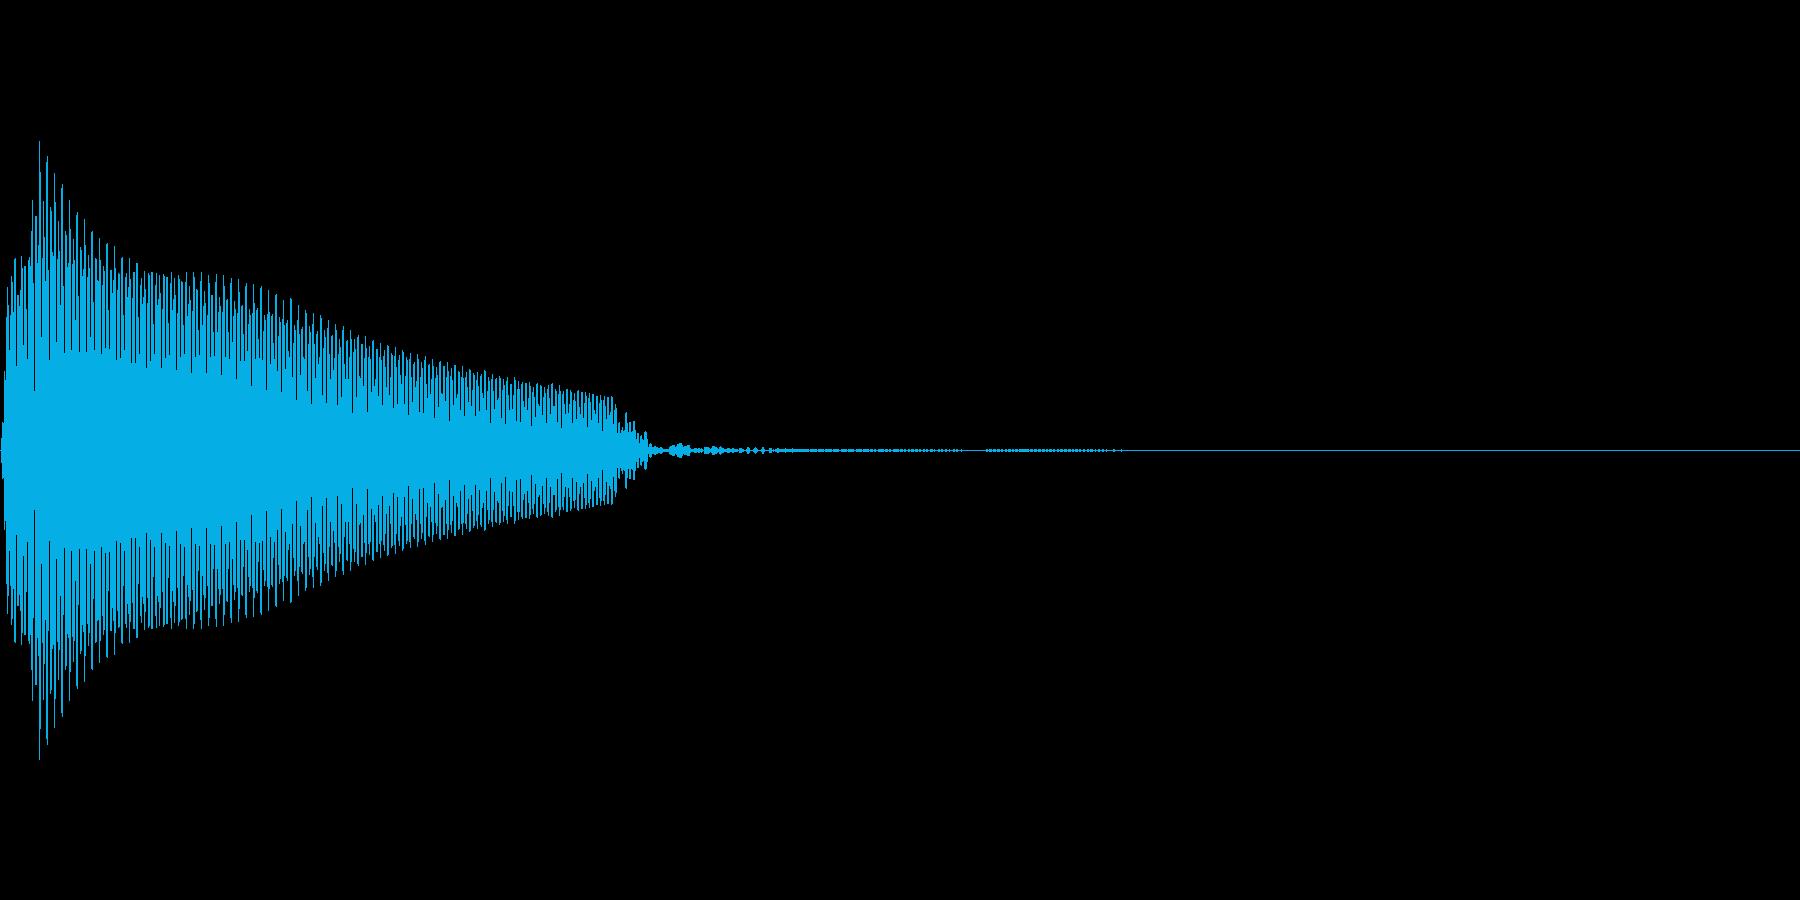 App ボタン プッシュ音 ピッ!!の再生済みの波形